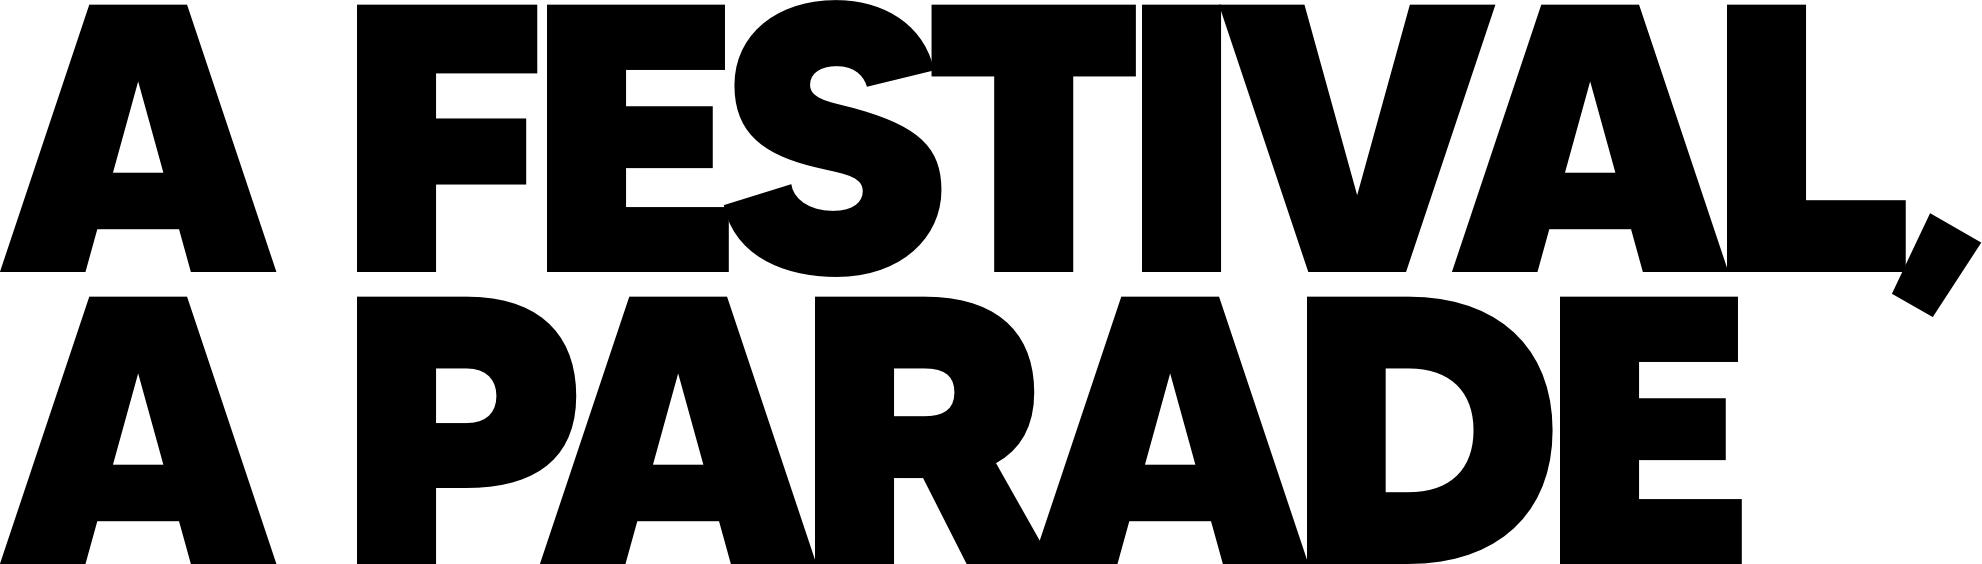 A Festival, A Parade